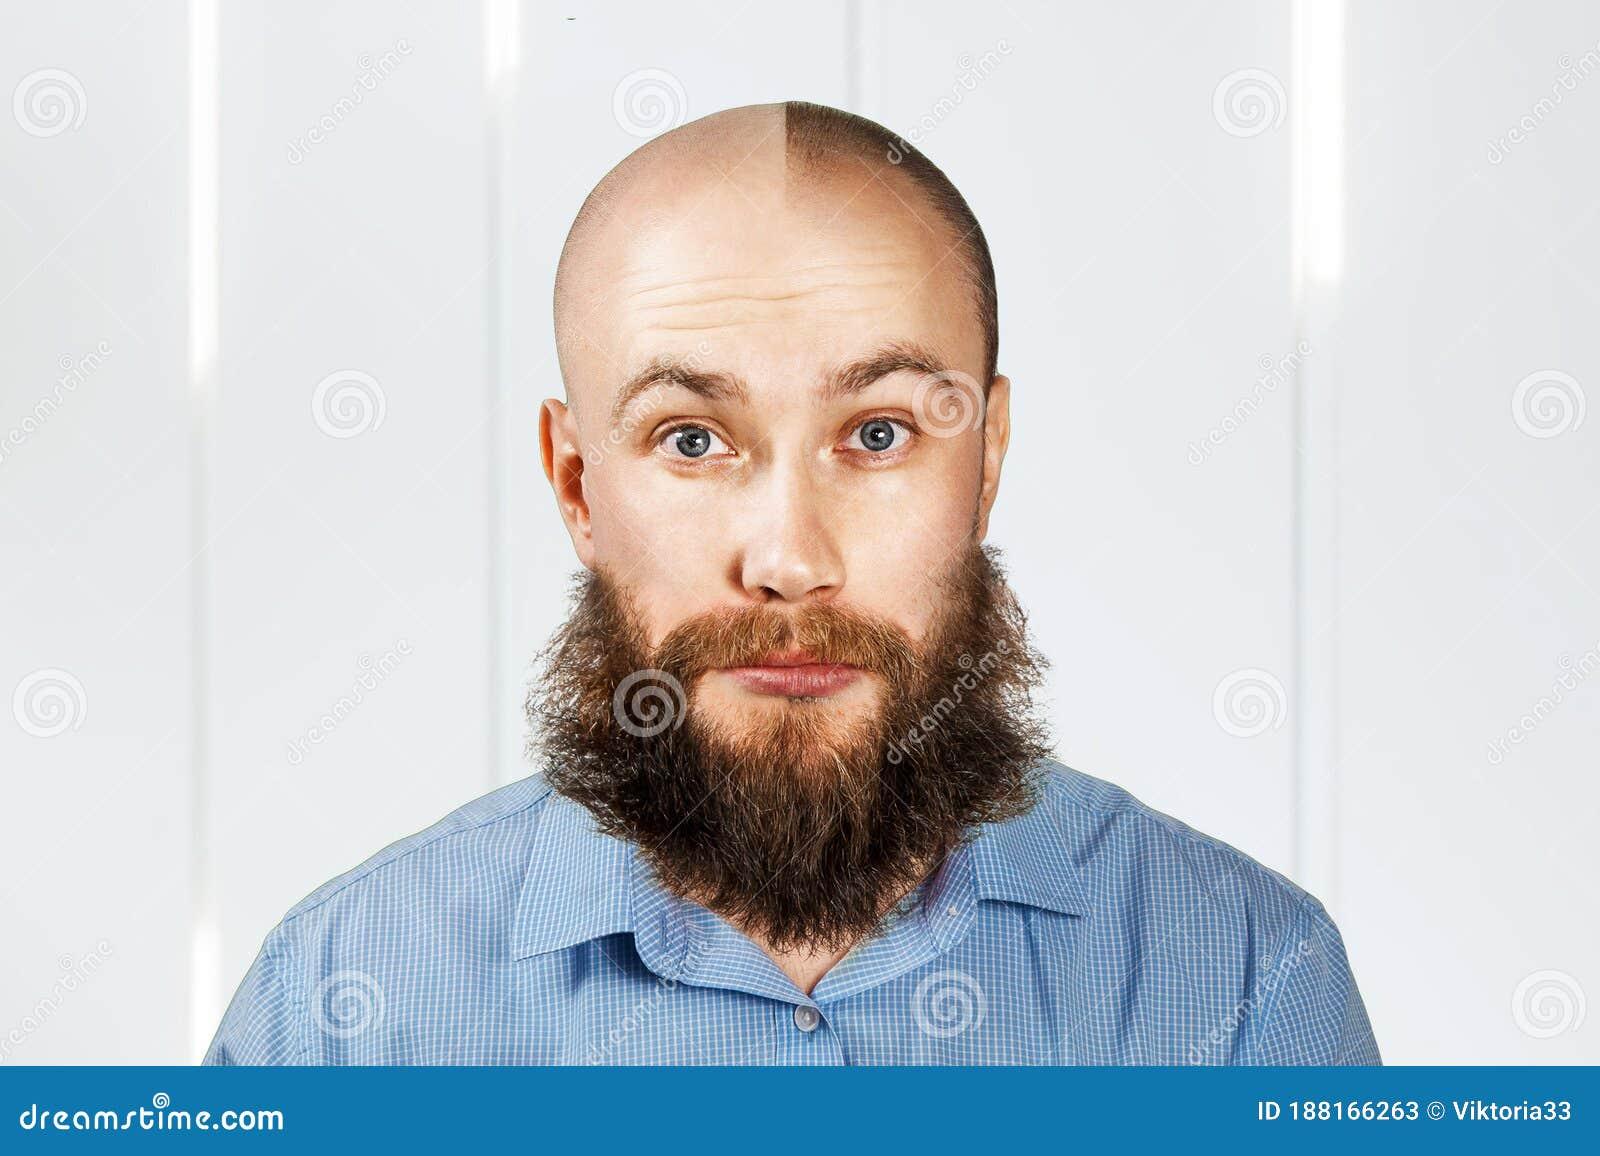 Head hair shaved facial Bald Head